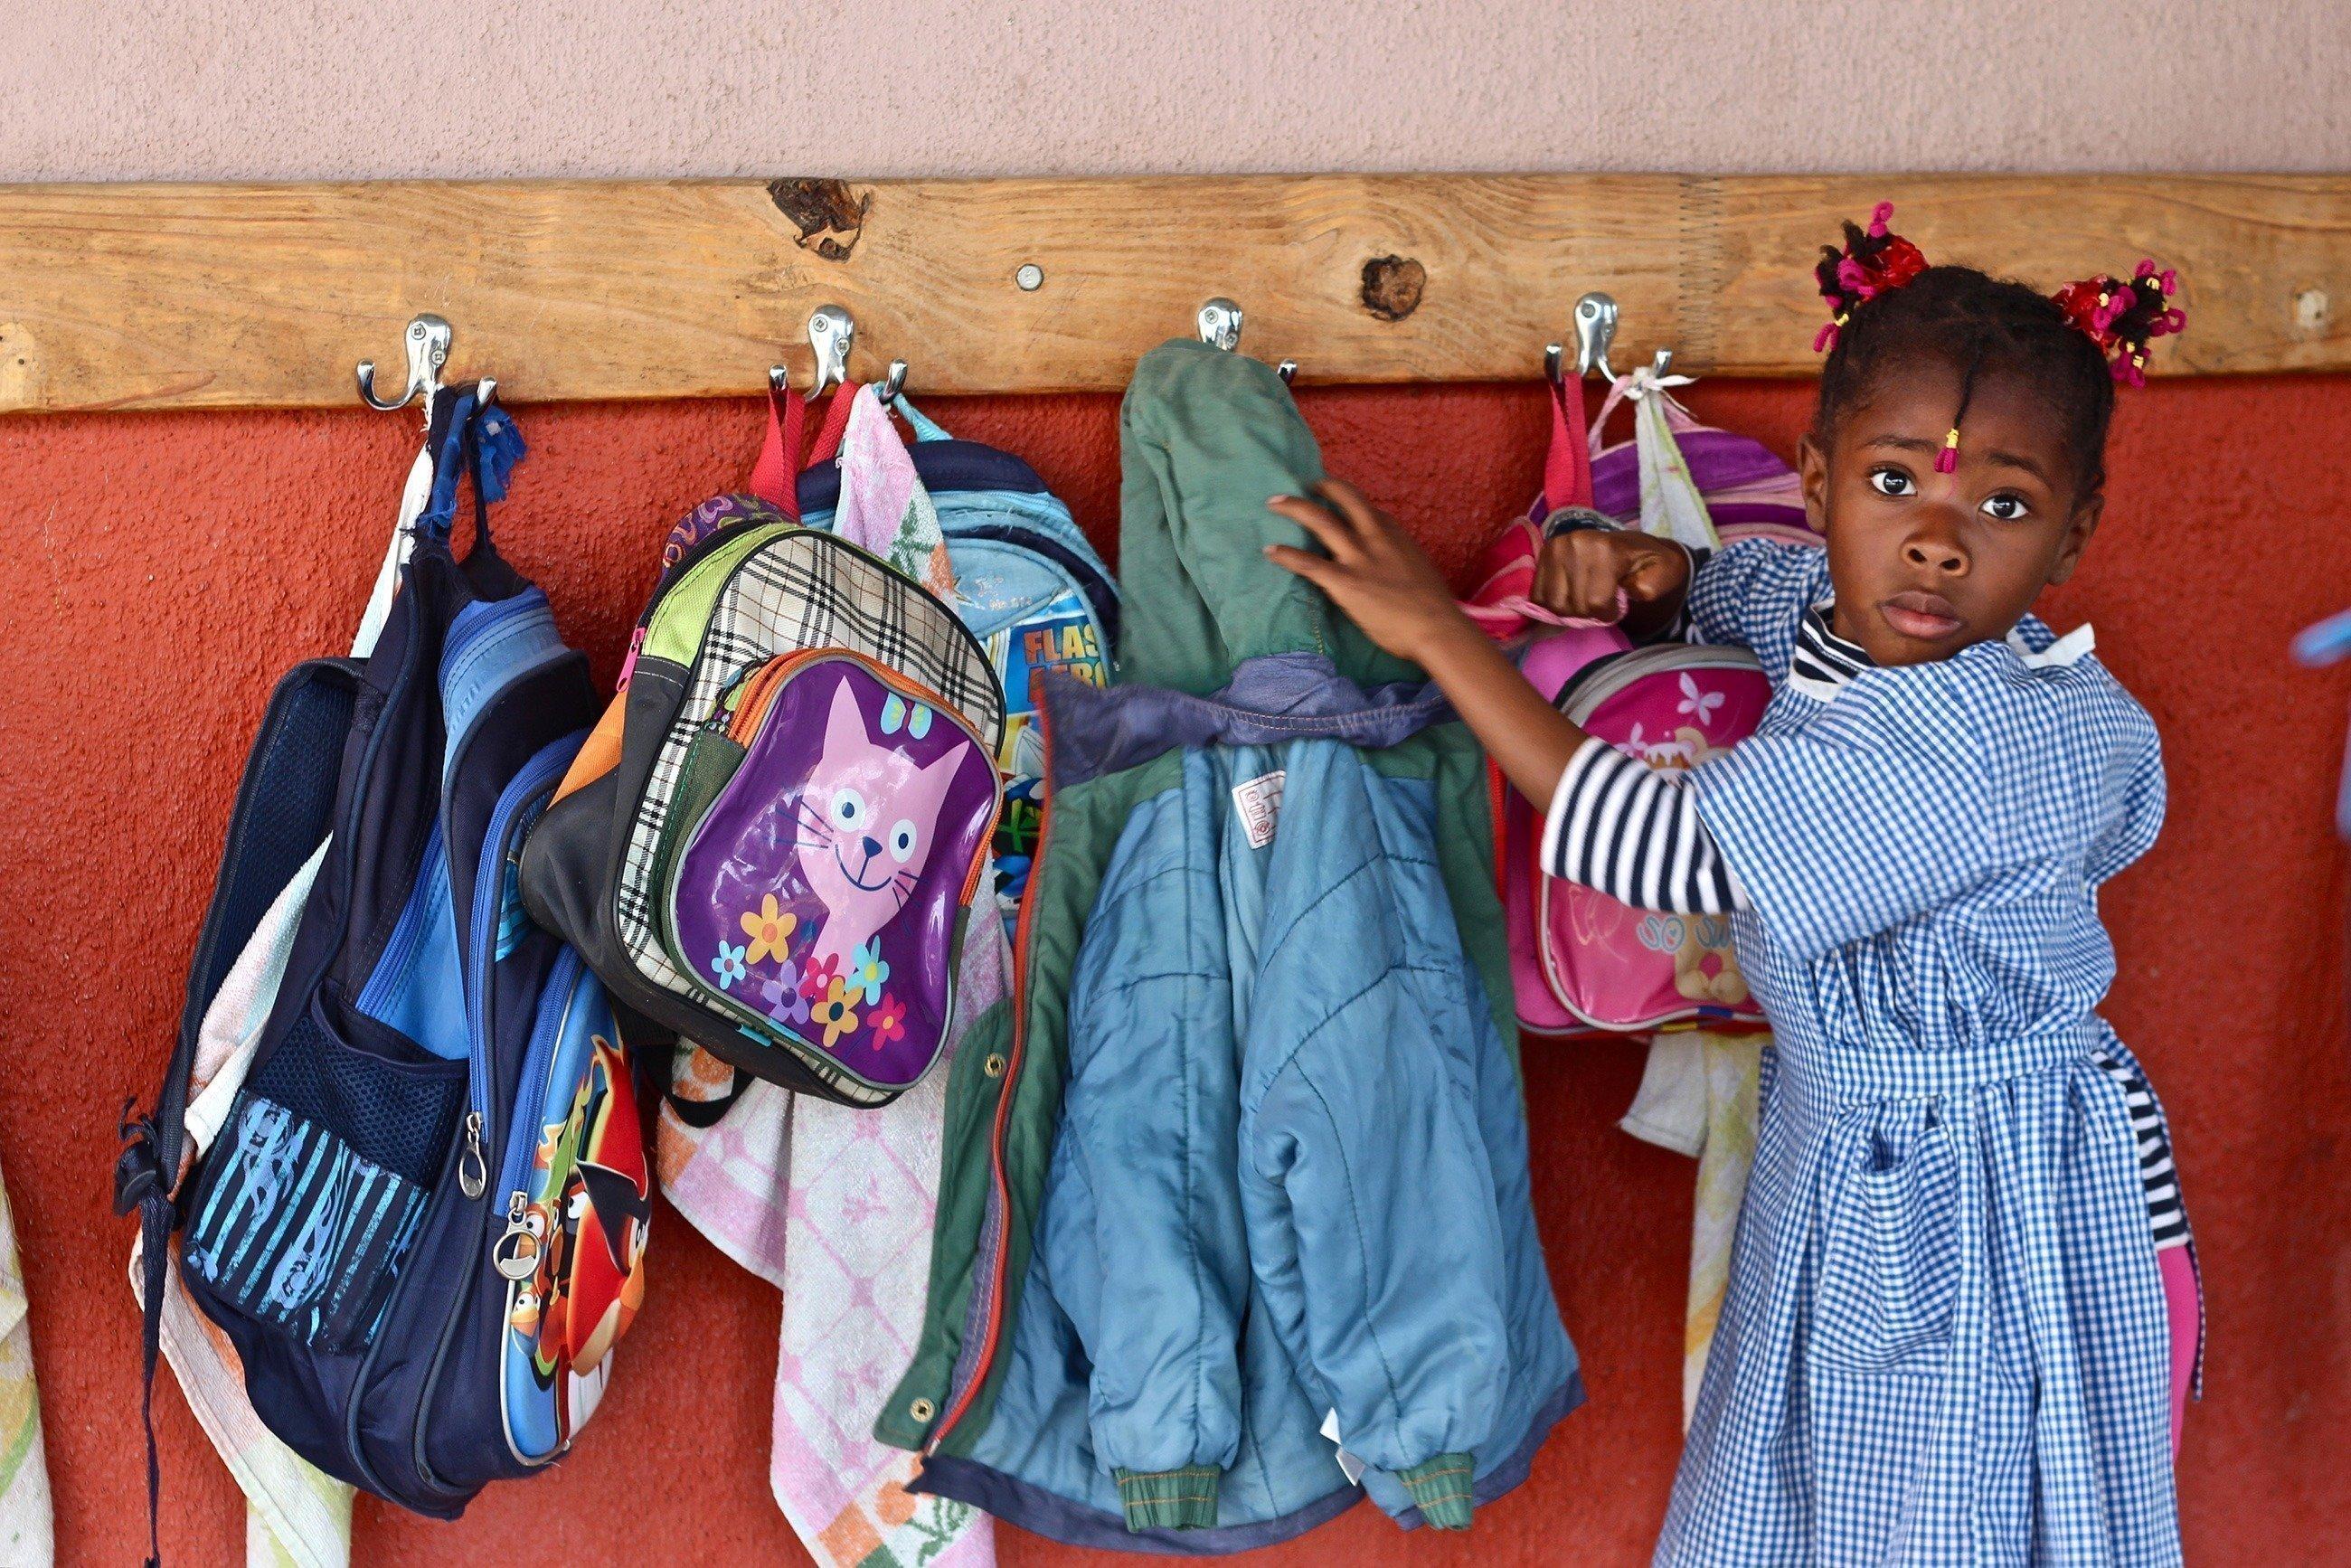 Ein Mädchen in einem Kleid sucht etwas in ihrem Rucksack.